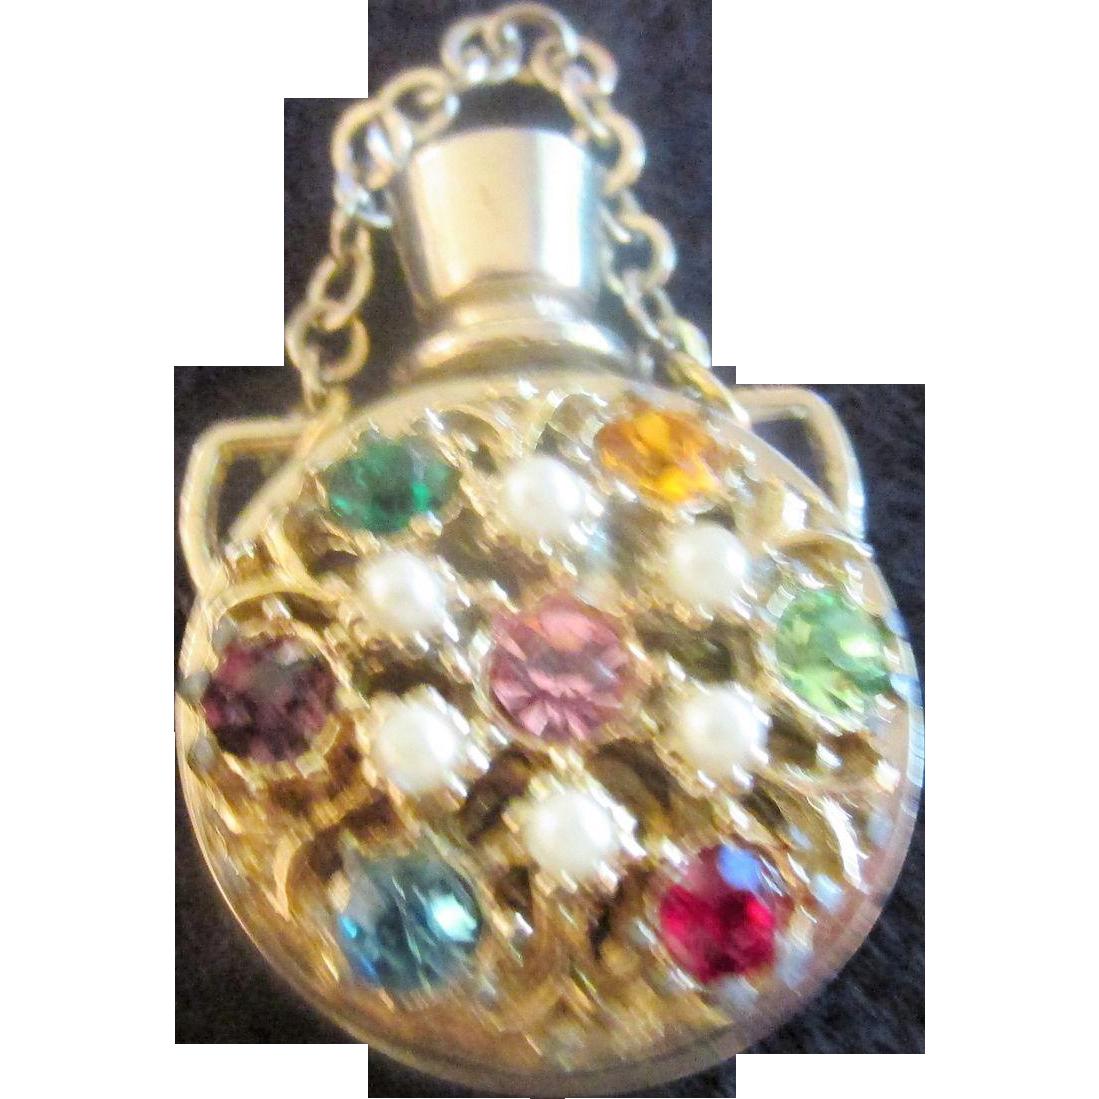 Vintage Miniature Perfume Bottle Multi Colored Stones